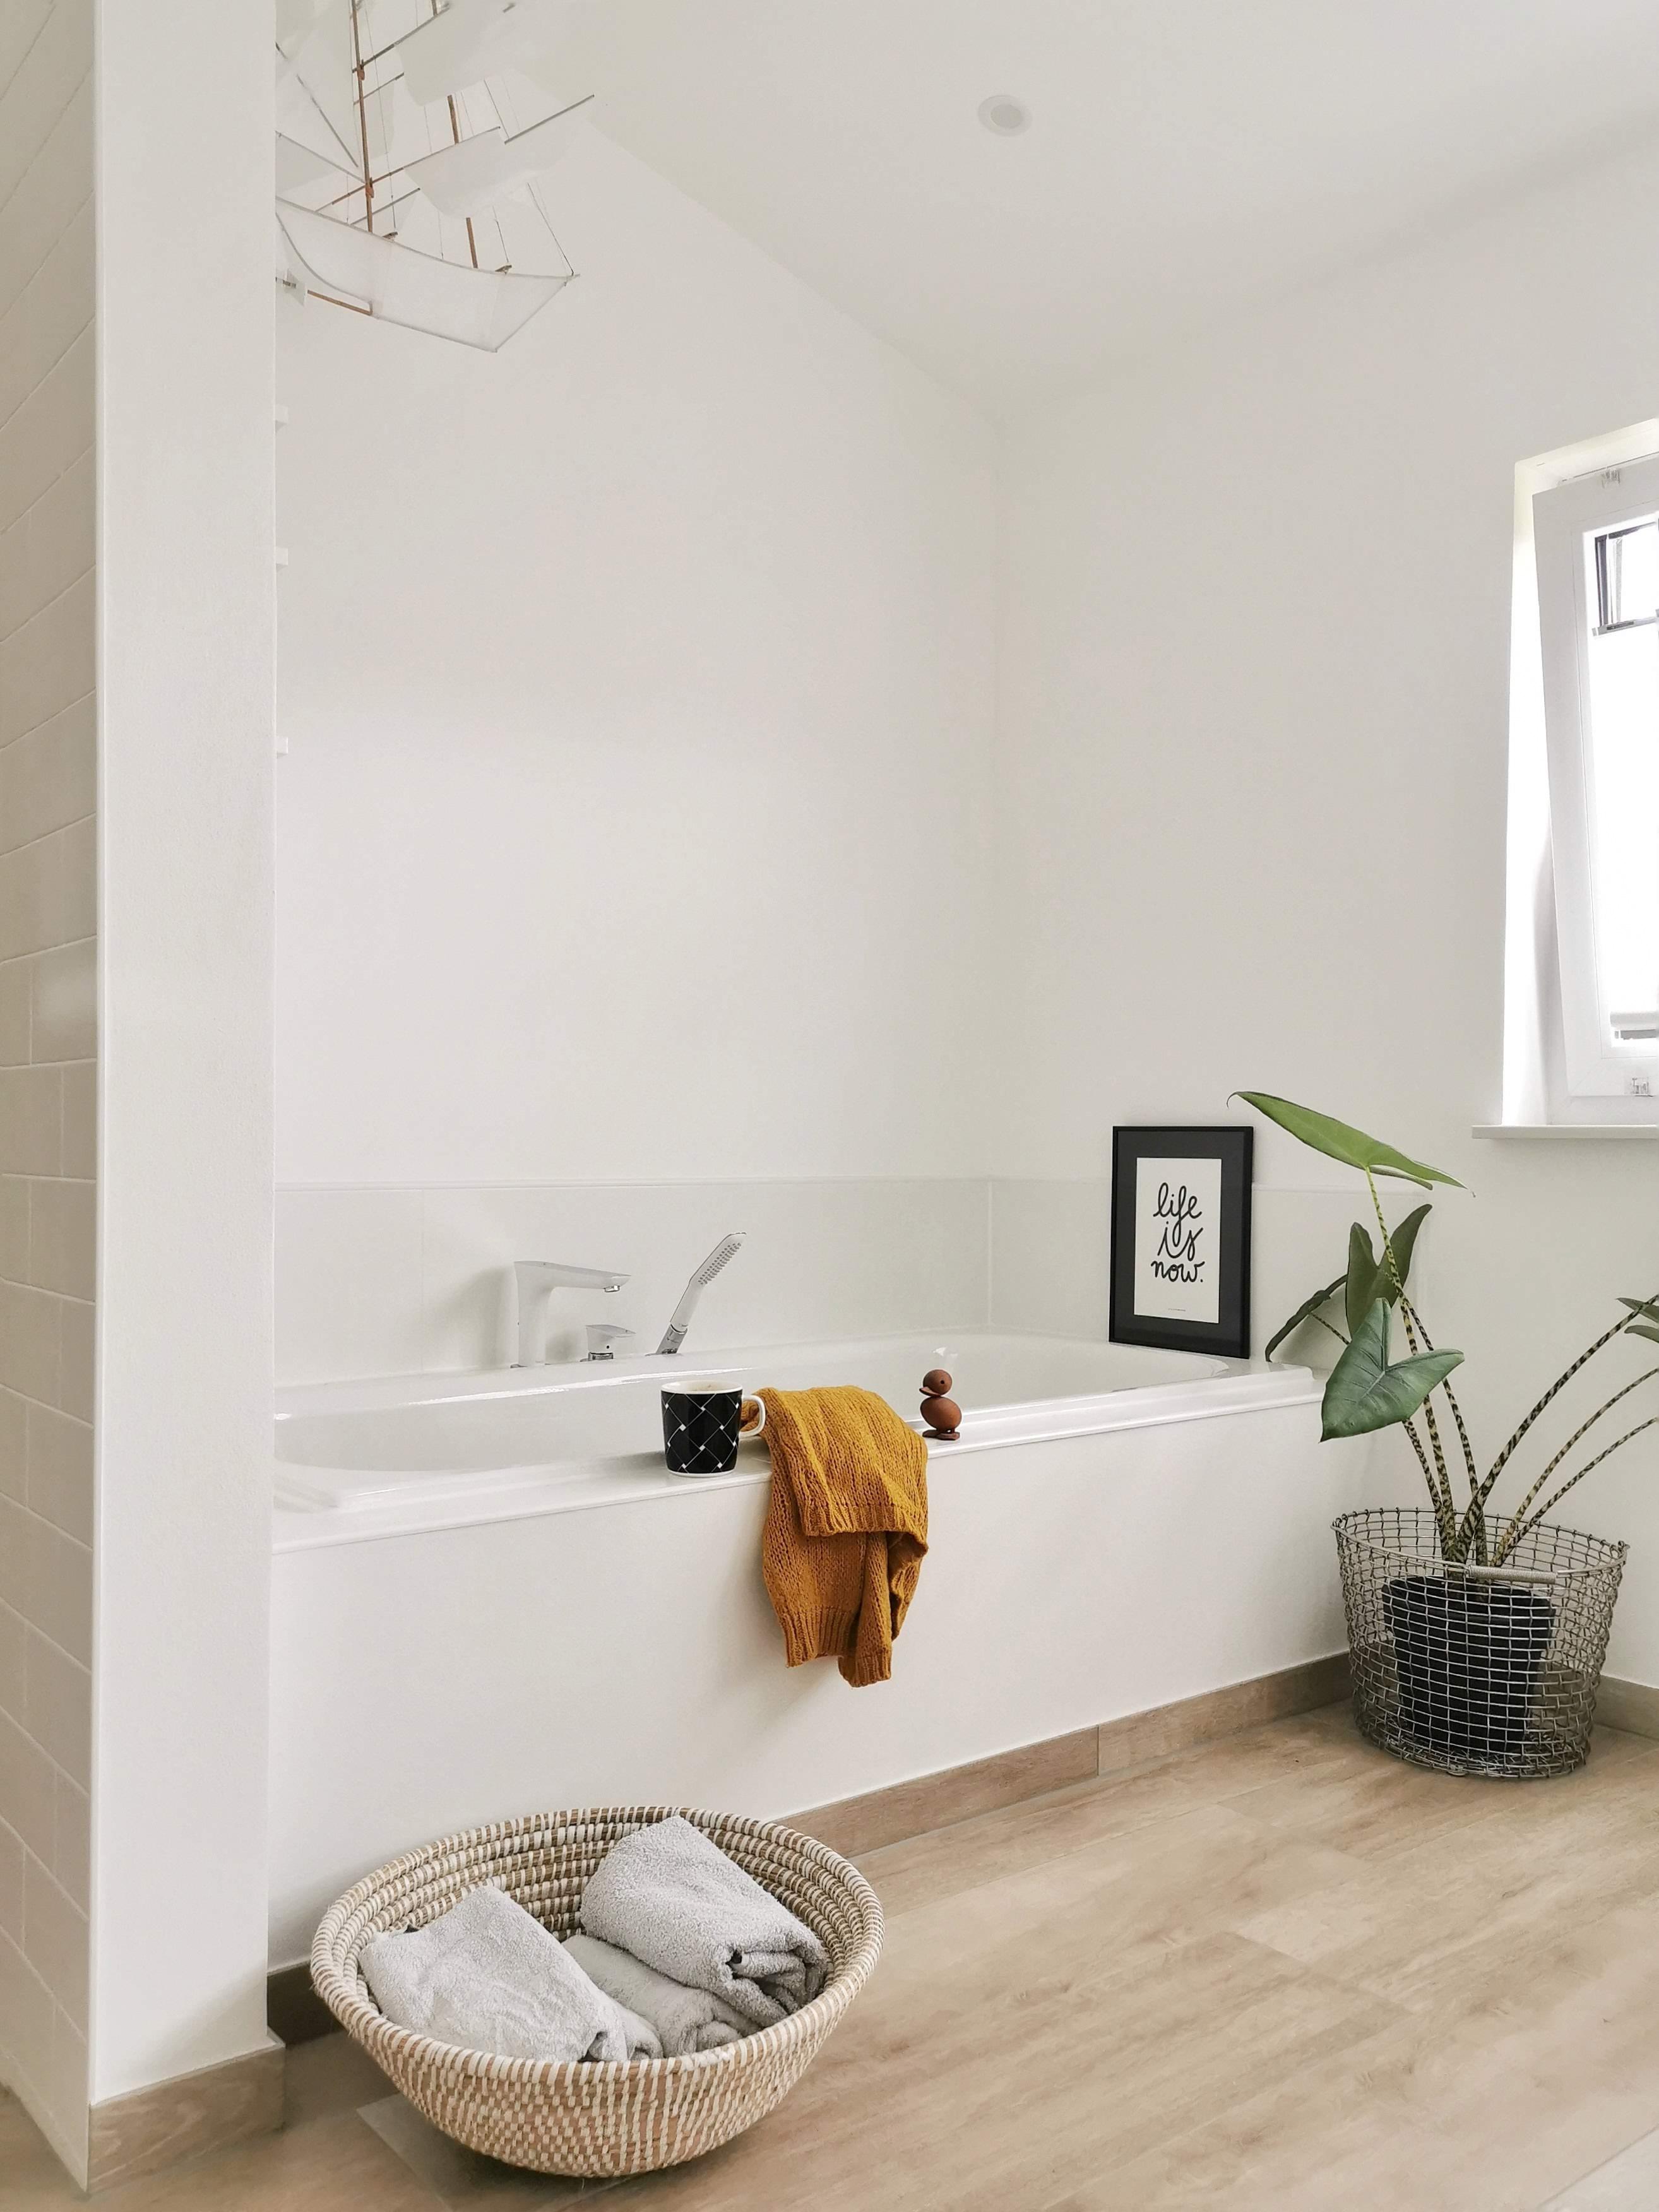 Deko-Ideen für das Badezimmer | mammilade.com